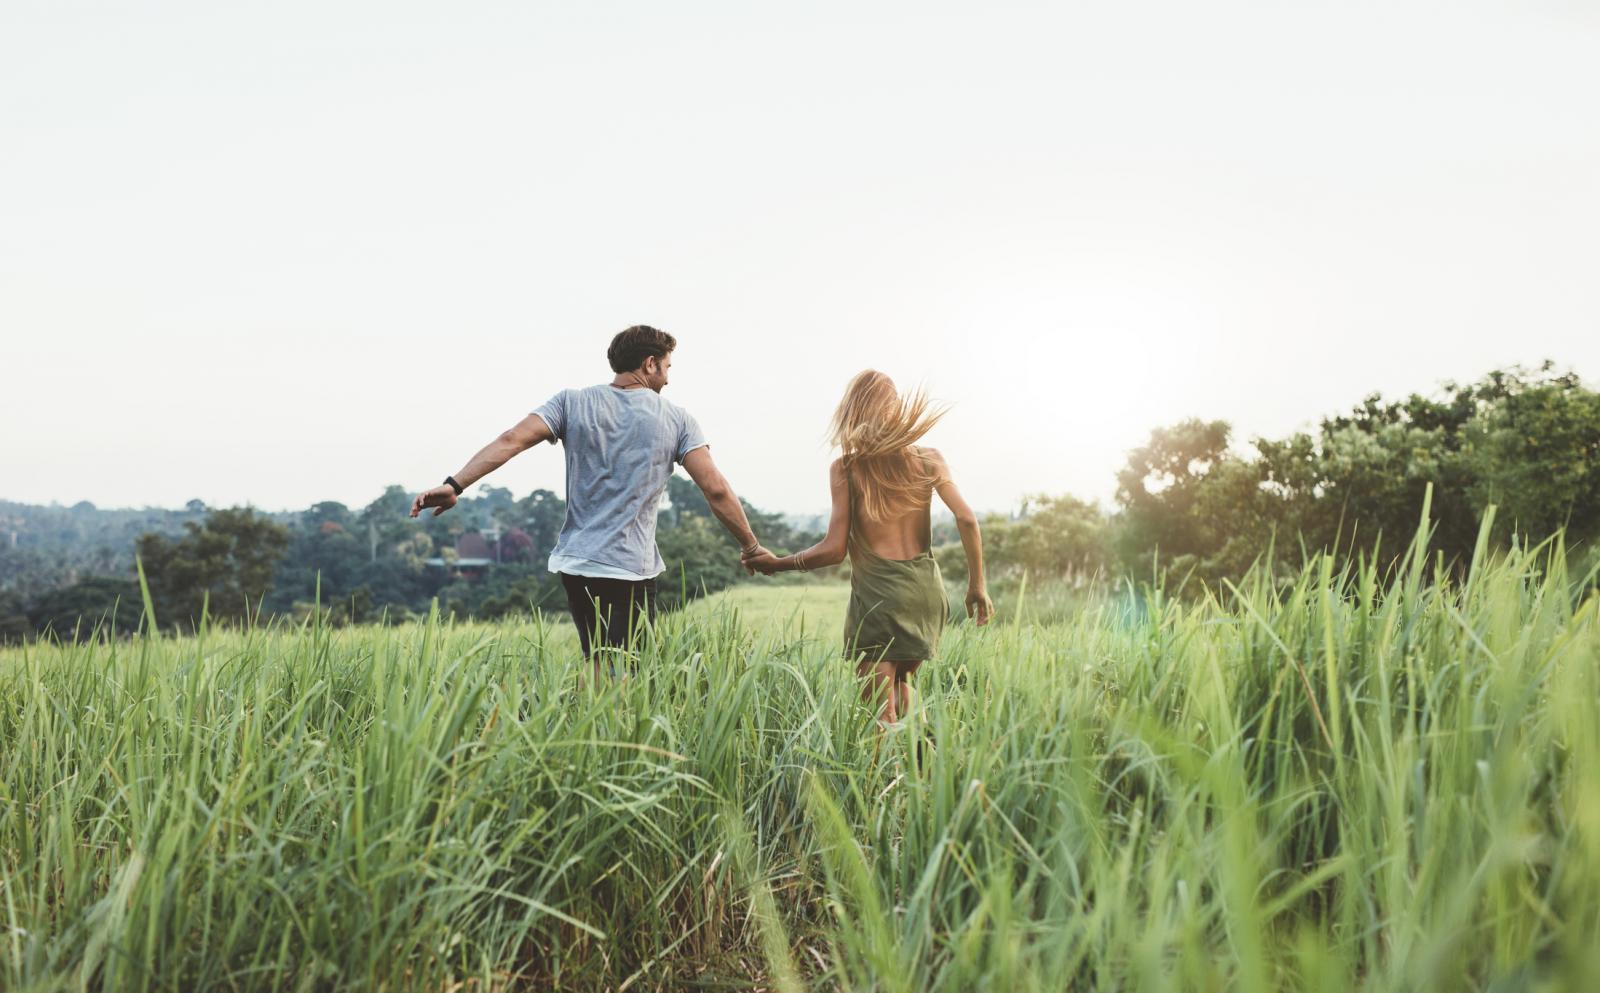 Prekrasan je osjećaj opet imati puno energije, inspiracije i ljubavi prema životu...